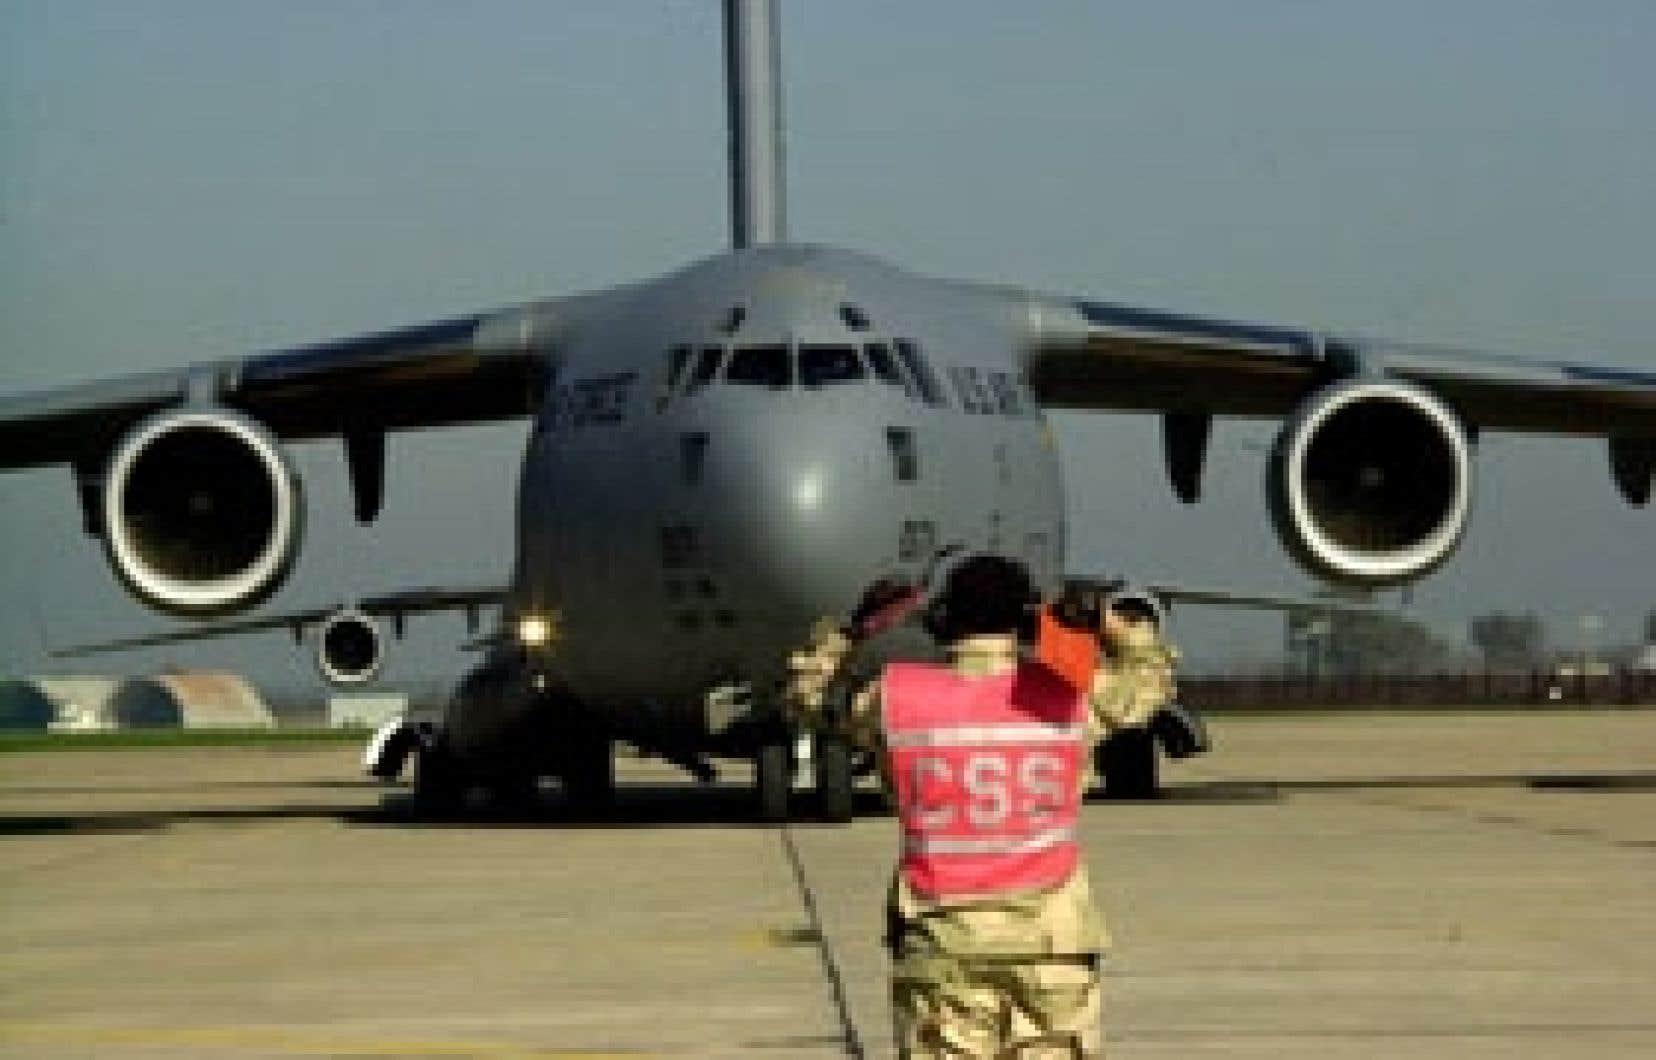 Le débat a continué de faire rage hier à la Chambre des communes au sujet de l'octroi du contrat d'achat de quatre avions militaires à la société Boeing, certains disant même douter que l'industrie aérospatiale canadienne puisse en profiter